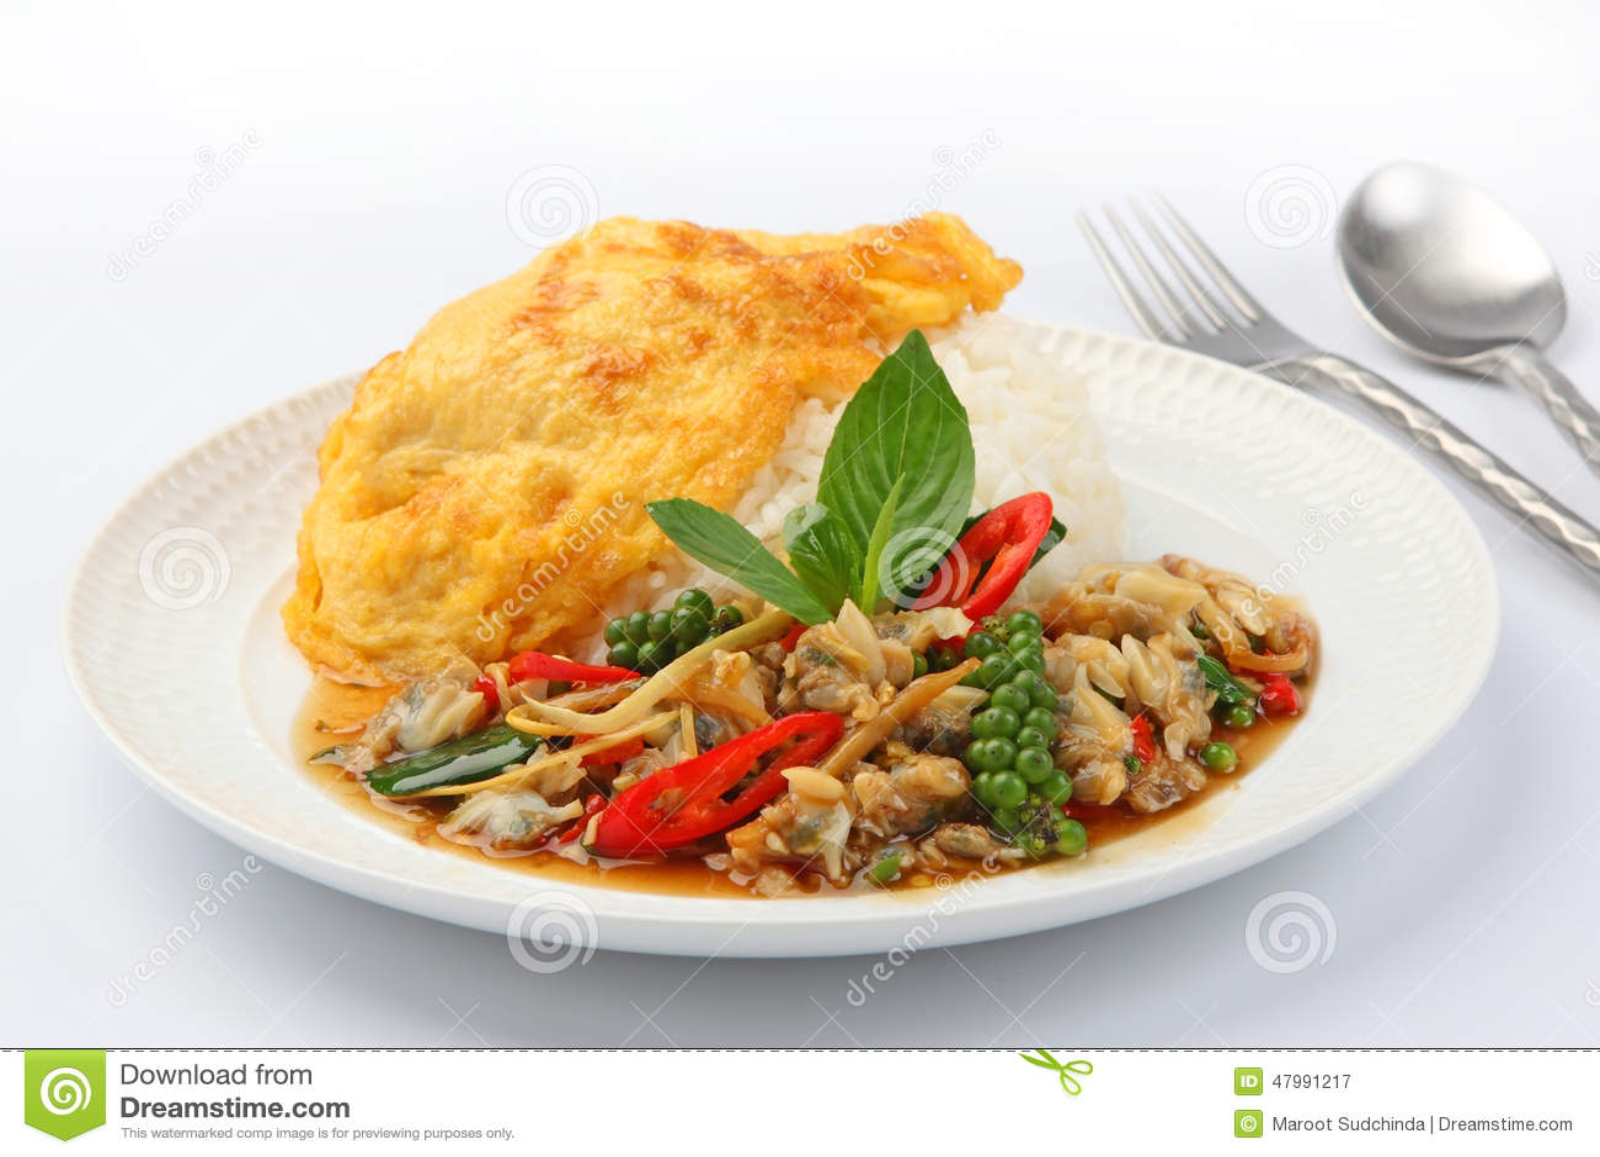 L 39 omelette frite a compl t sur le riz avec pic frit avec des palourdes photo stock image - Absorber l humidite avec du riz ...